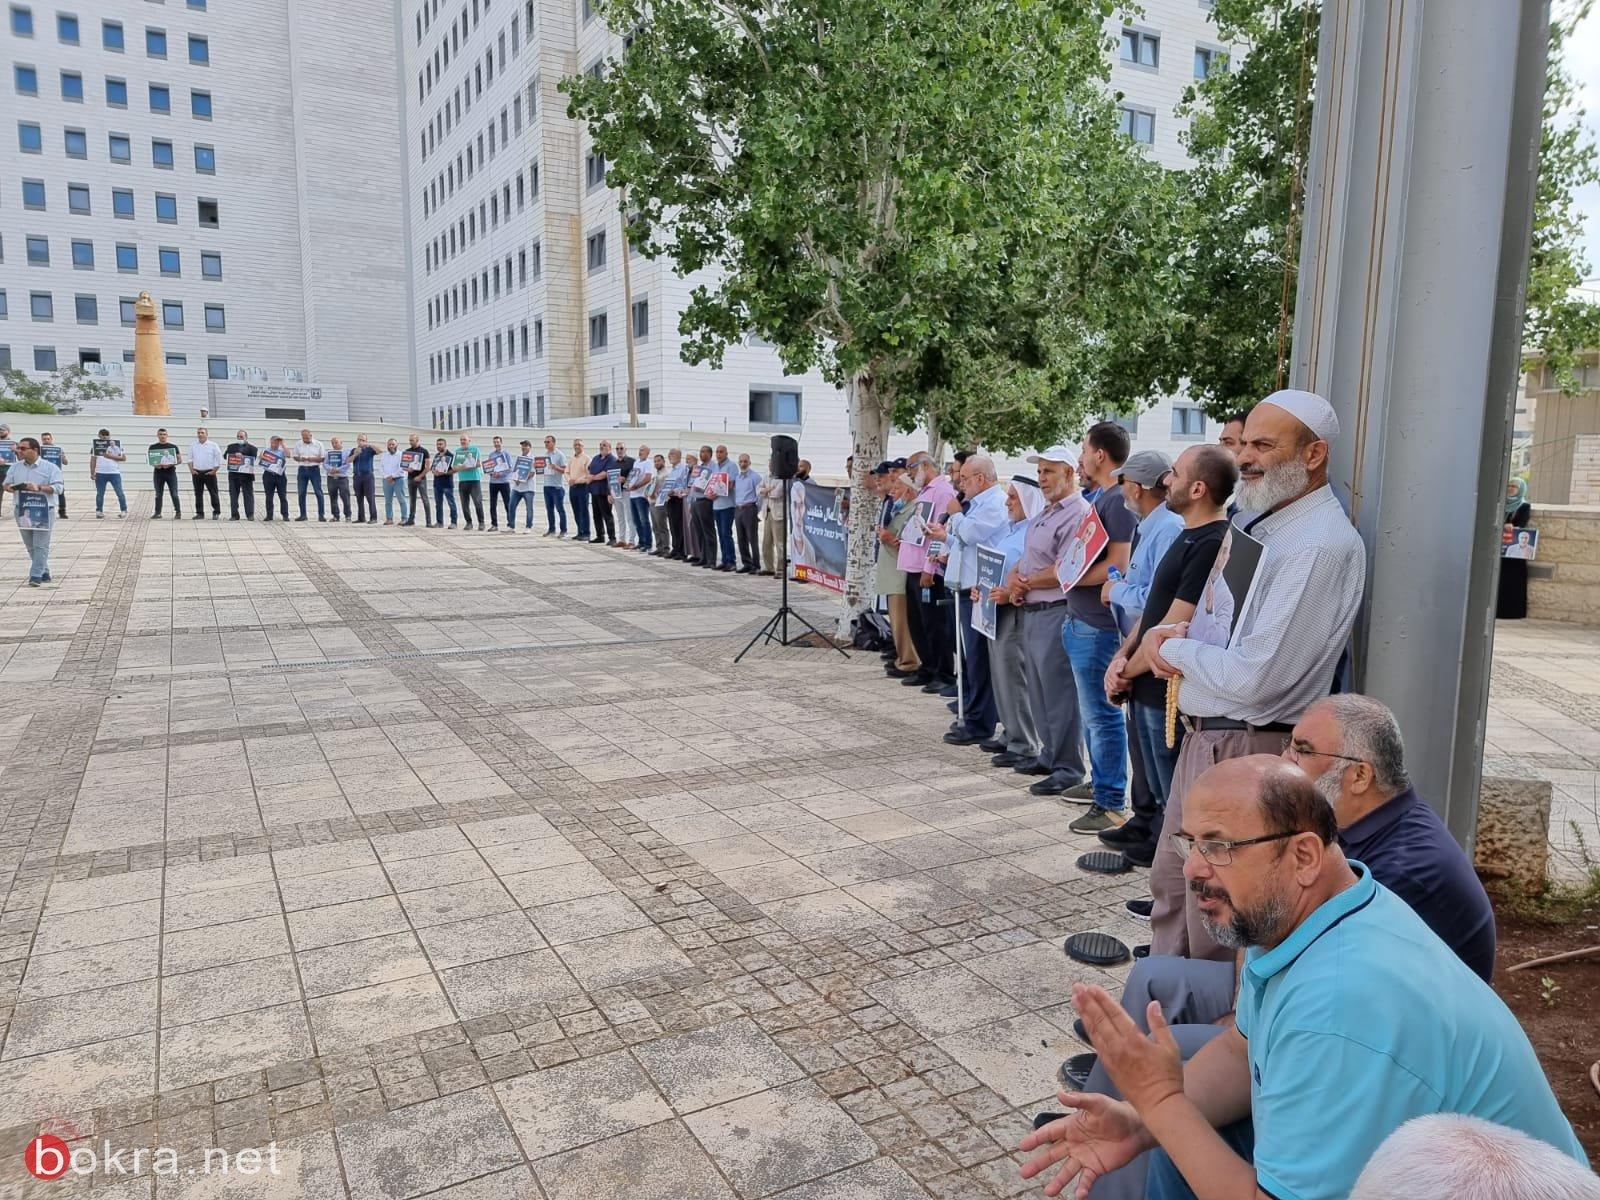 العشرات يتظاهرون امام محكمة الصلح والمحكمة تمدد اعتقال الشيخ كمال خطيب بيوم واحد-0